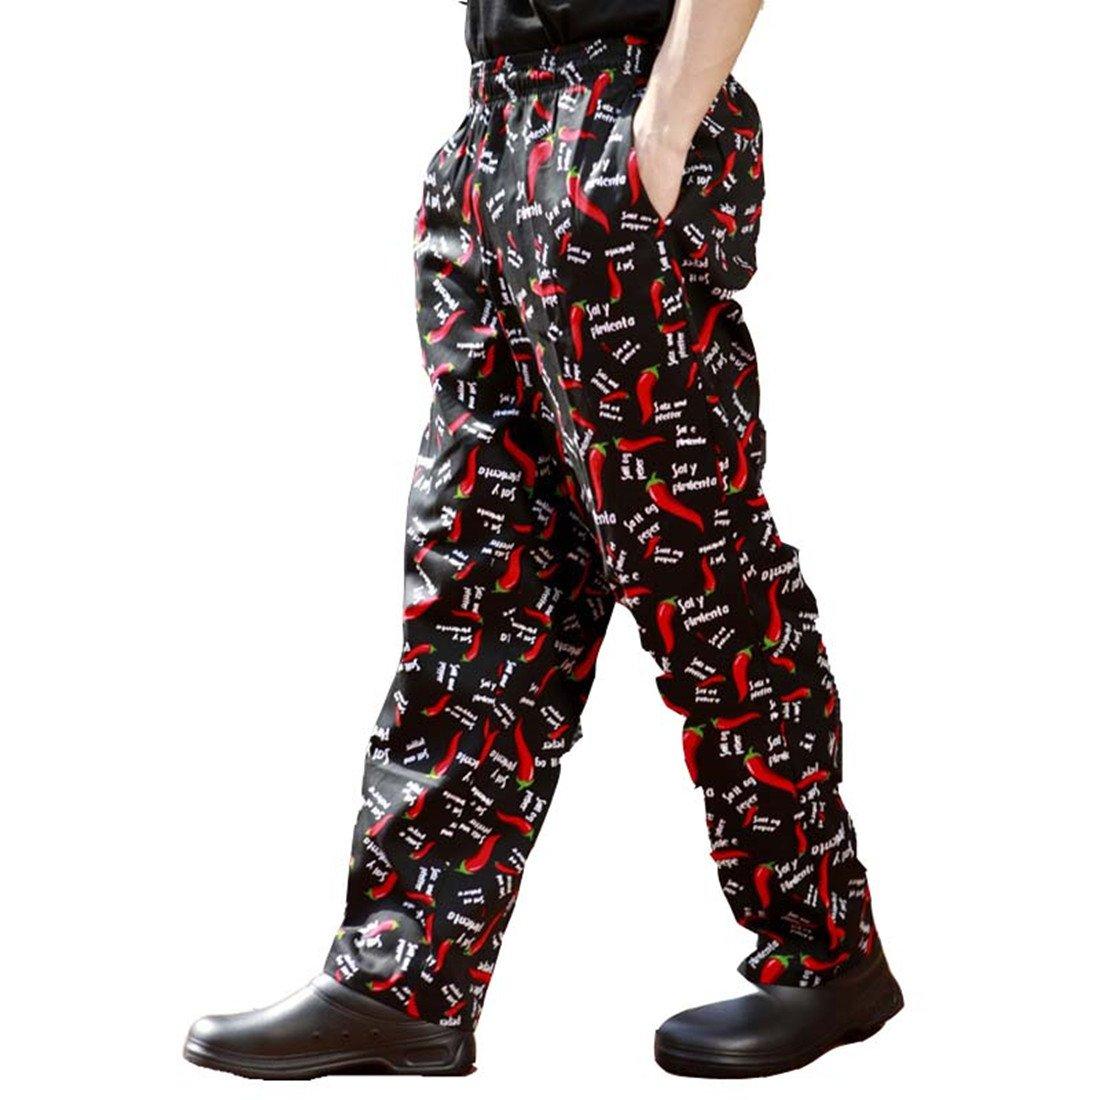 Pantaloni da chef con stampe di peperoncini neri e rossi 820217 (6 taglie disponibili) Chili XXX-Large